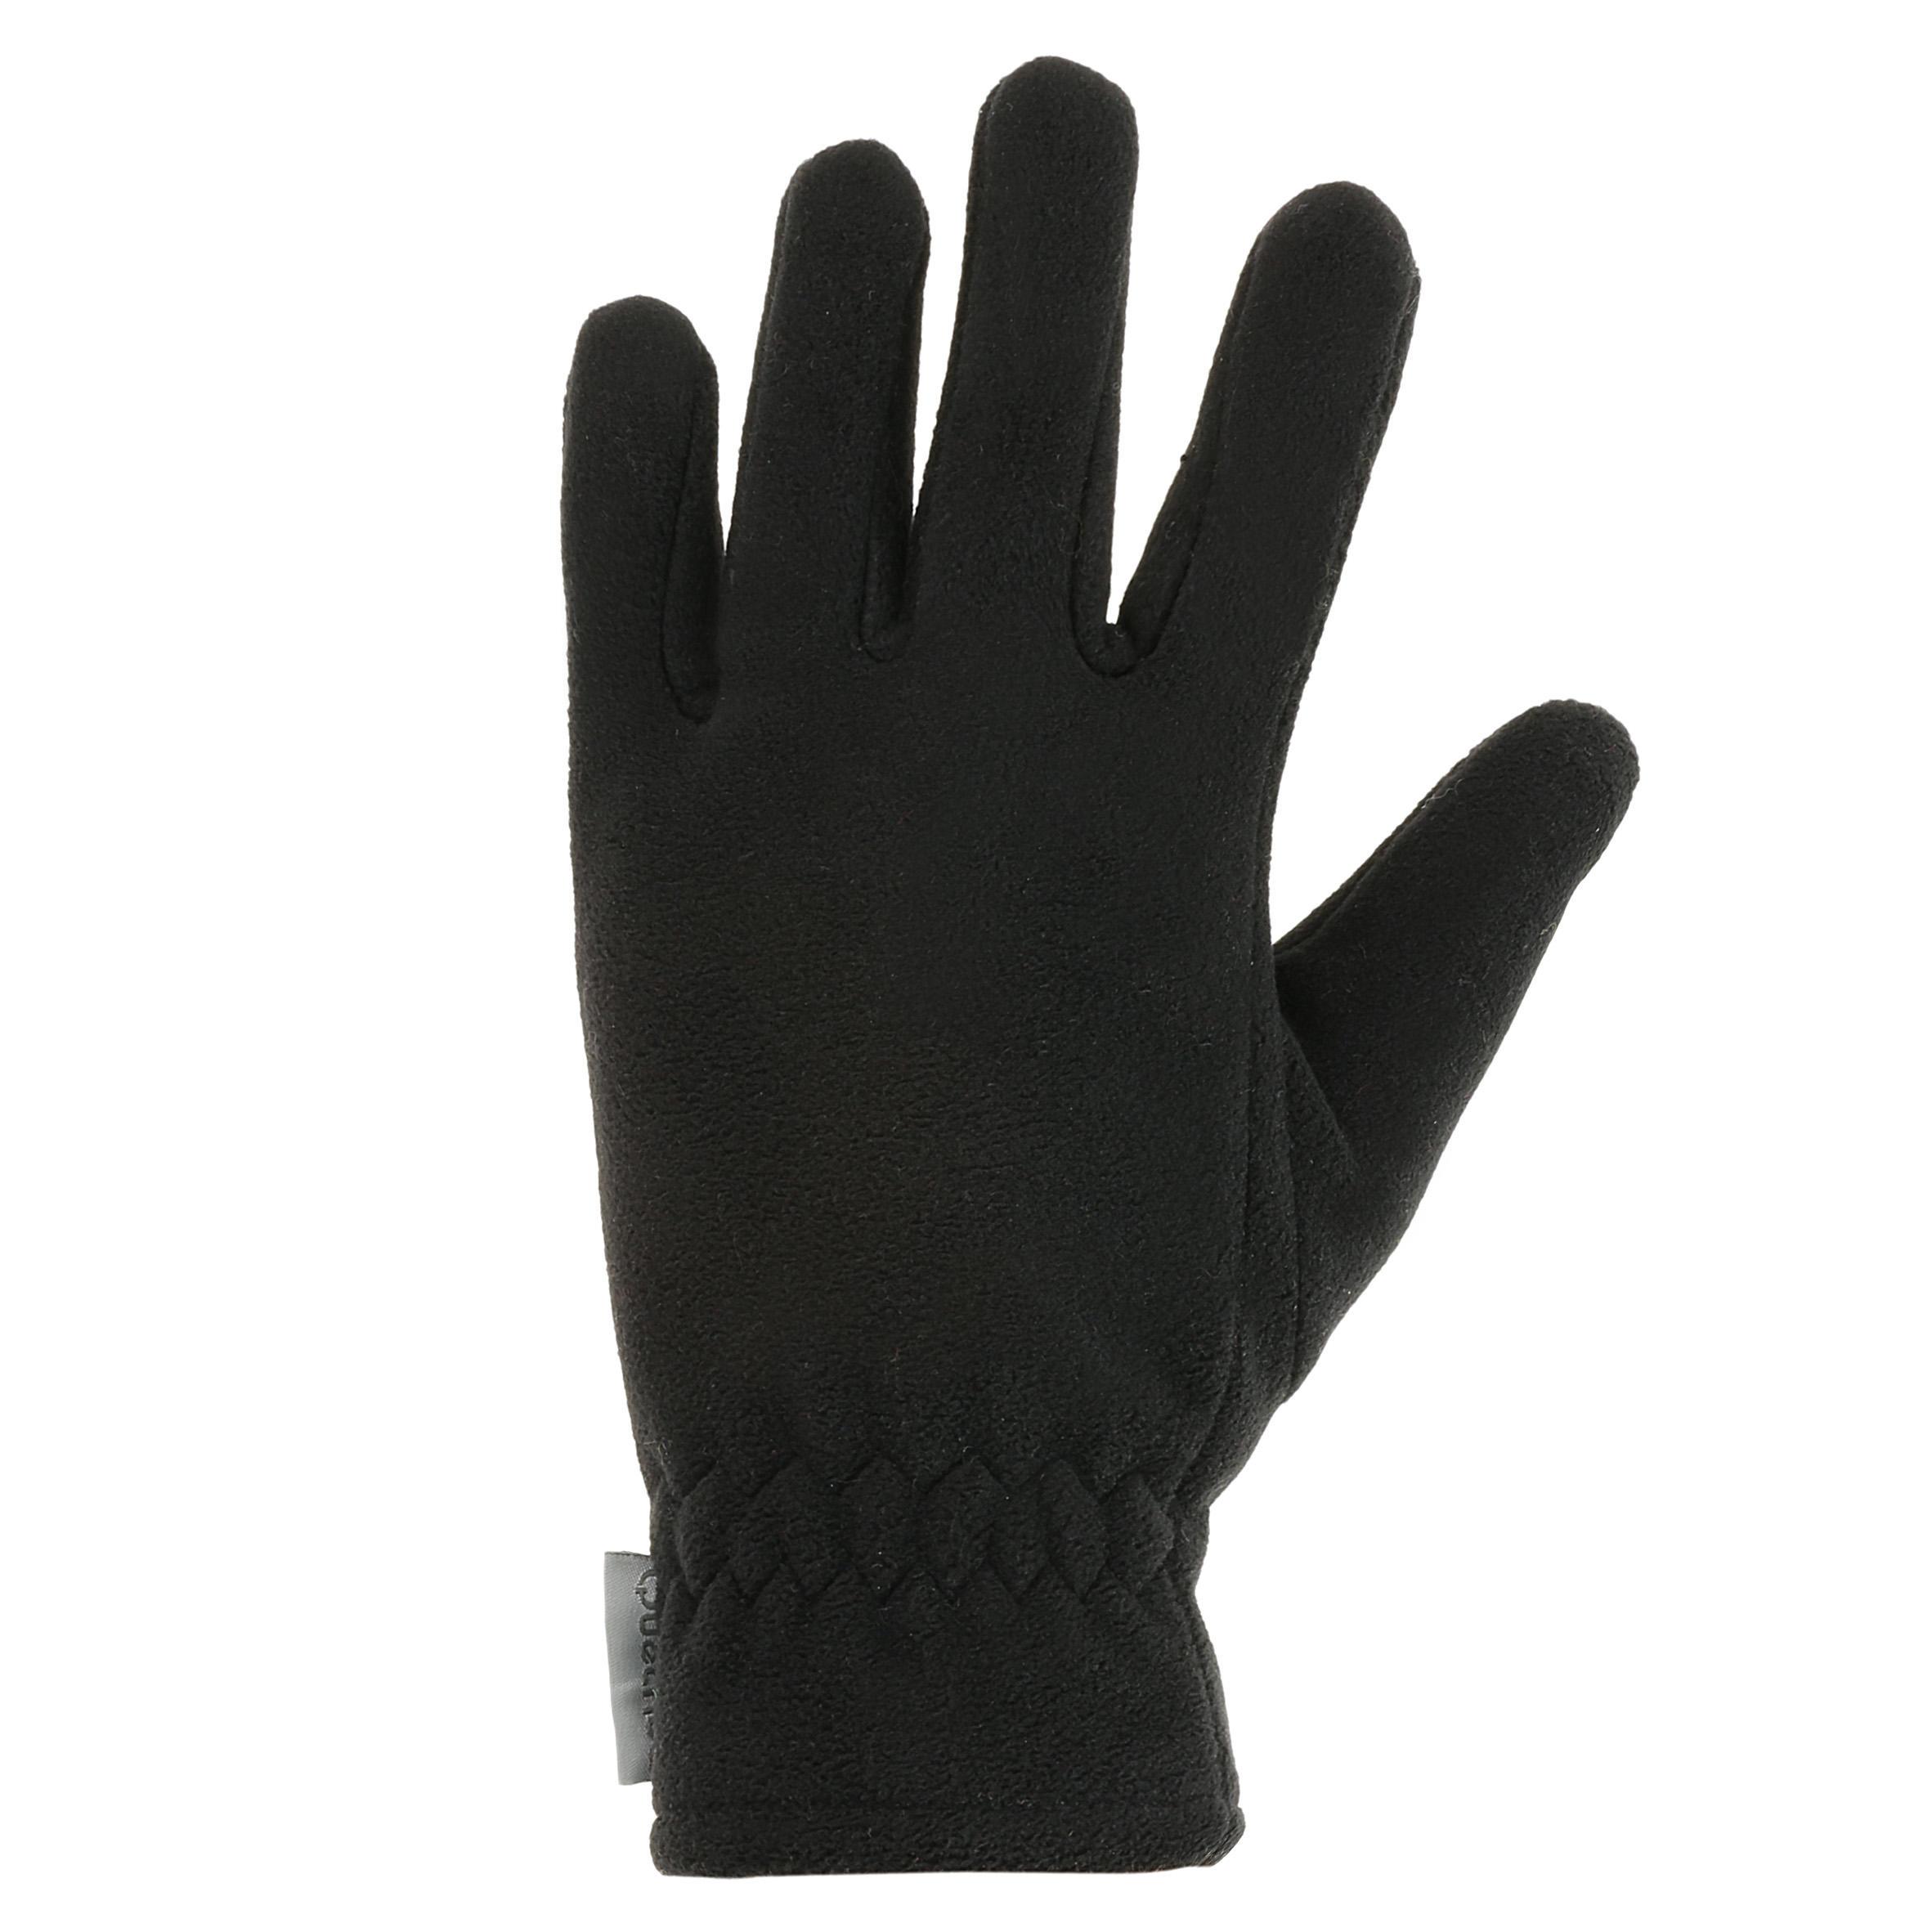 Gants polaire de randonnée junior SH100 warm noirs